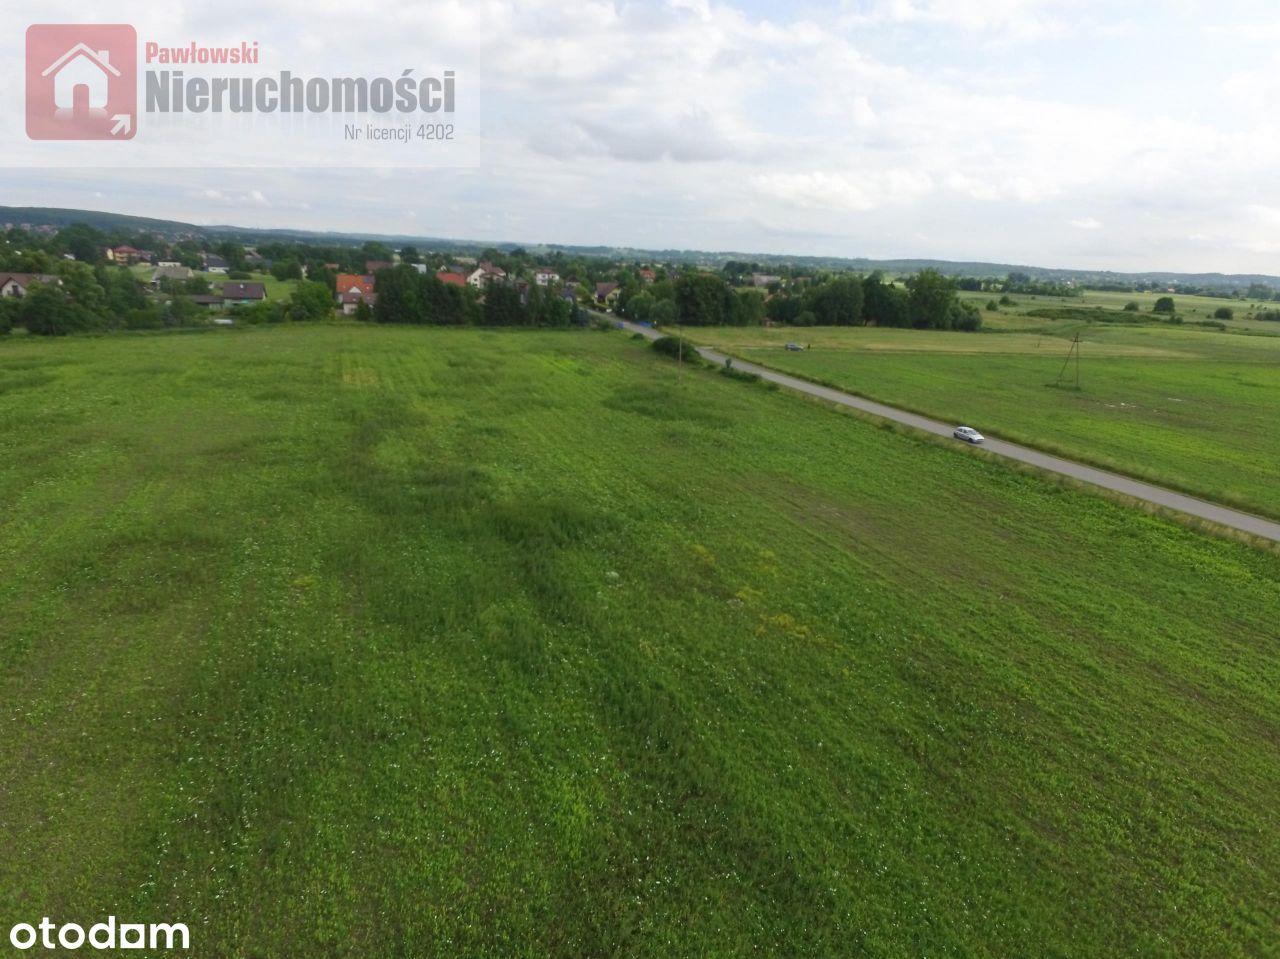 Działki budowlane 10 km od Skawiny- różne powierzc